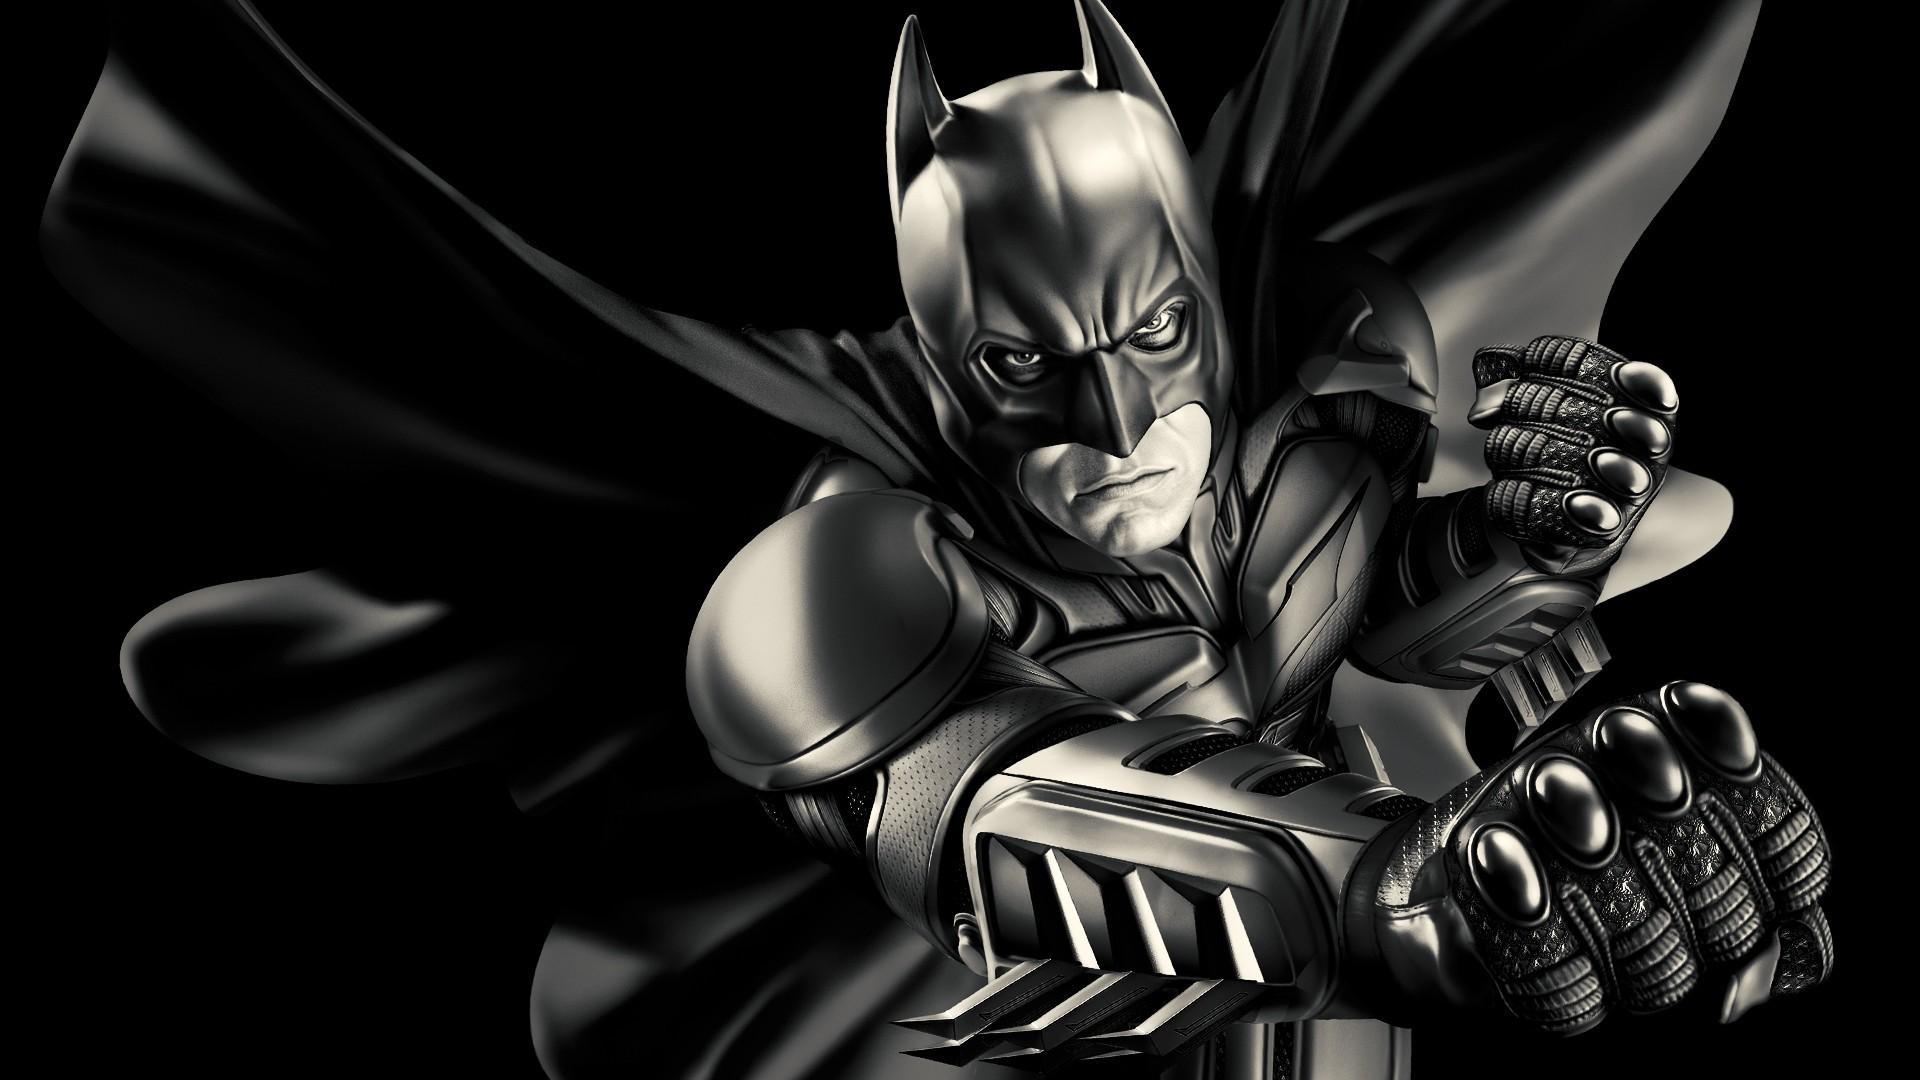 Batman Wallpaper 061 1920x1080